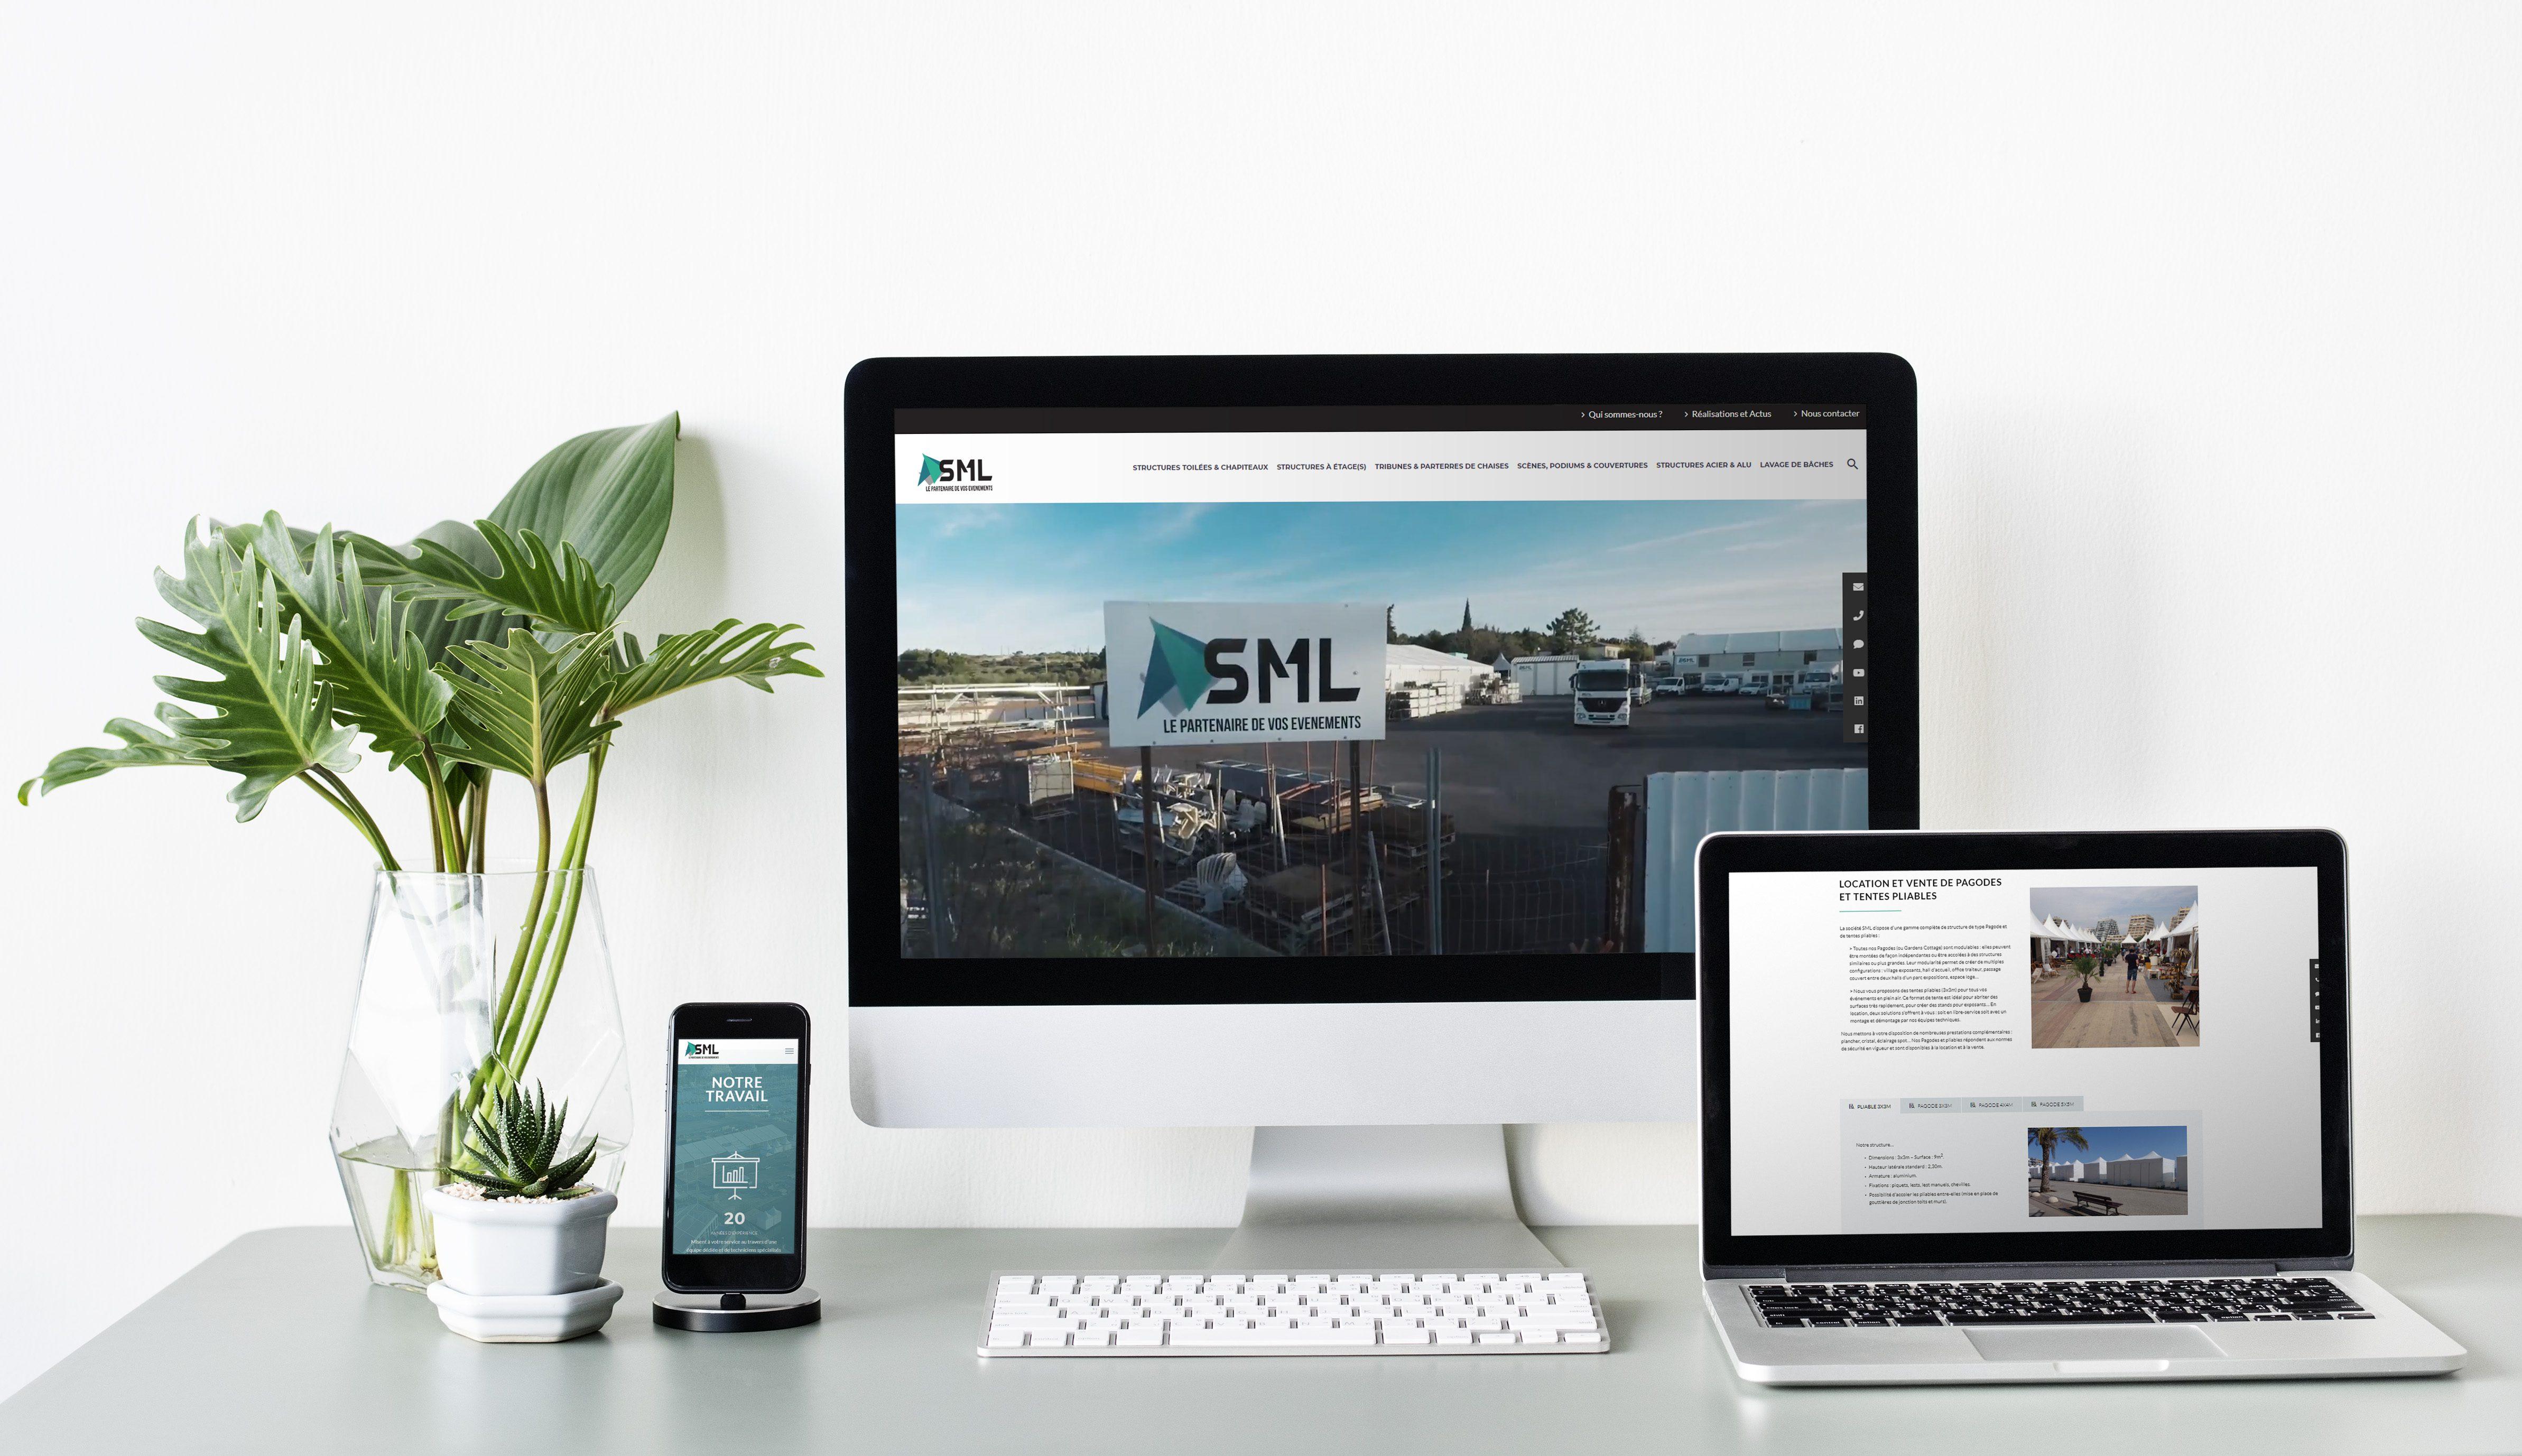 site sml tablette portable ordinateur